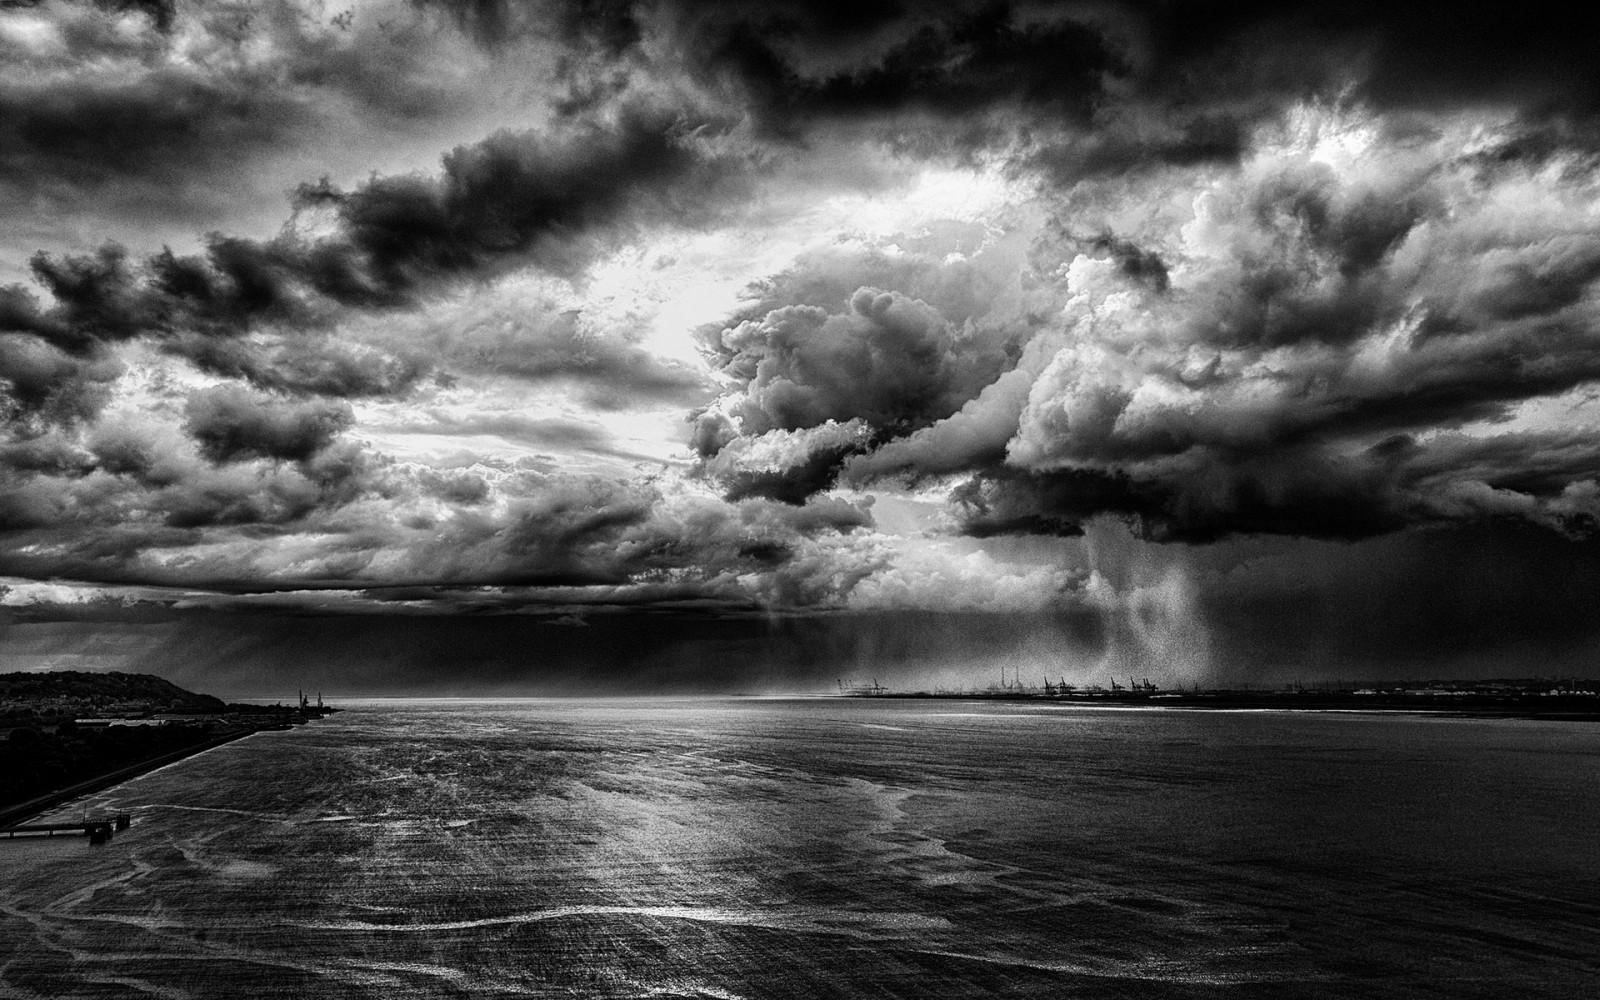 Sfondi paesaggio monocromo mare acqua natura cielo for Foto hd bianco e nero